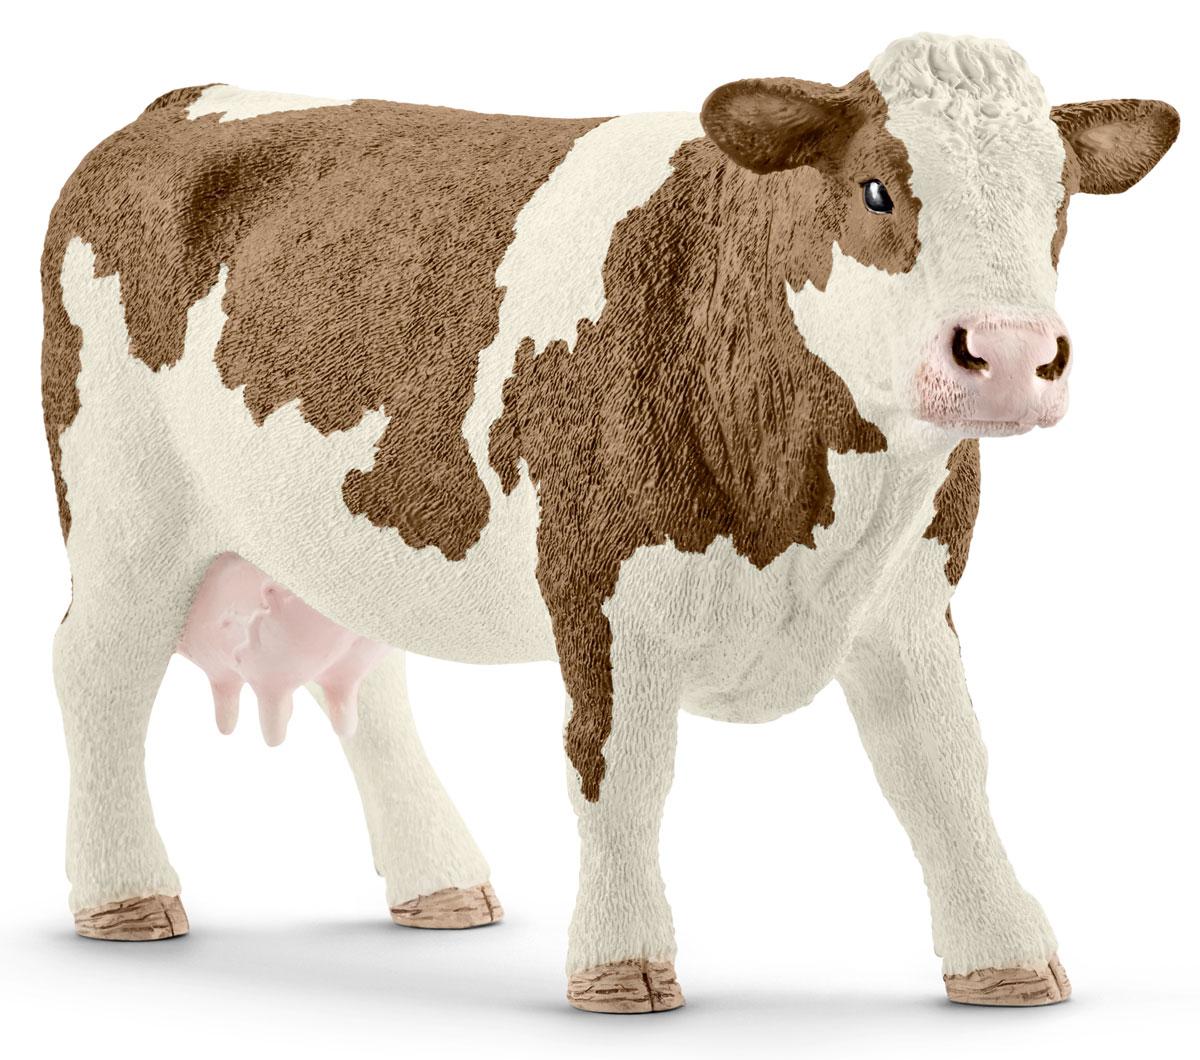 Schleich Фигурка Симментальская корова 13801 игрушка schleich фигурка андалузская кобыла